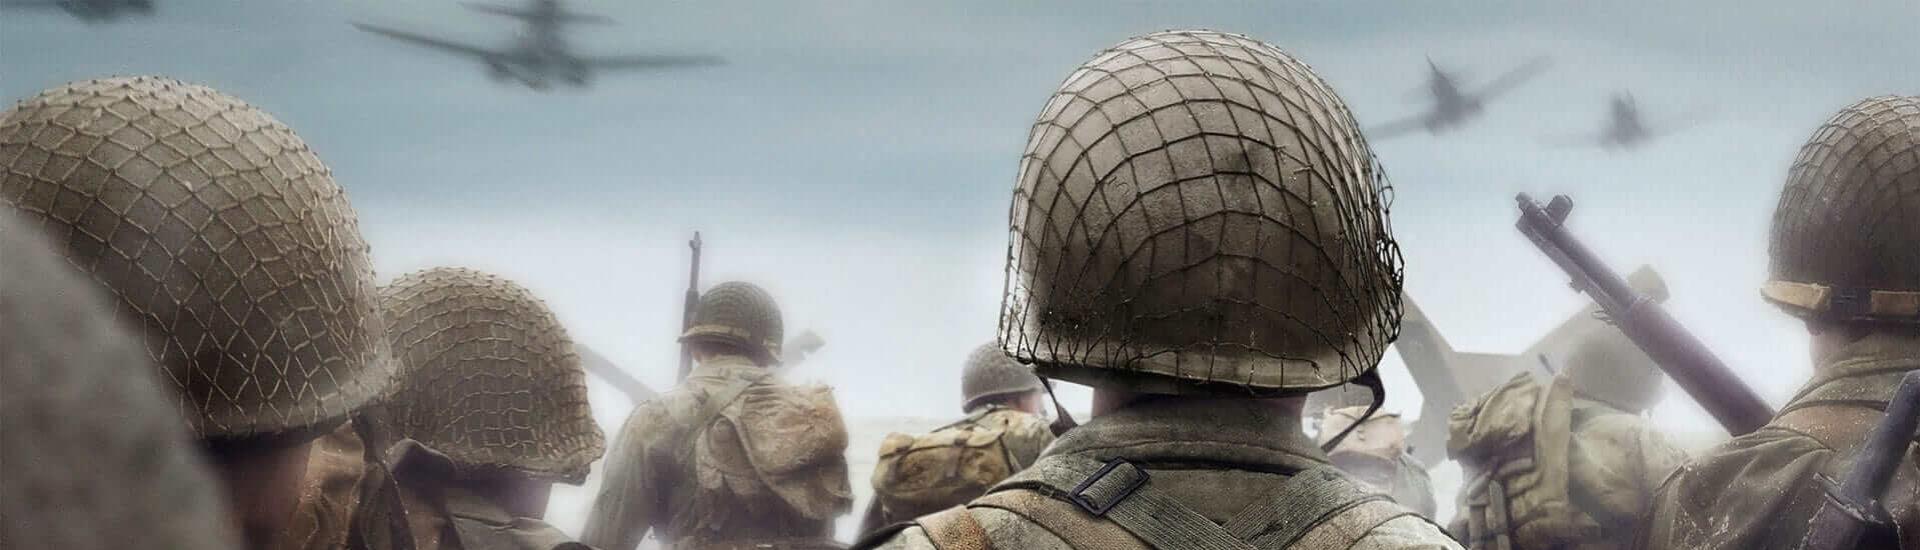 Call Of Duty 2021 soll laut Leak nächste Woche enthüllt werden